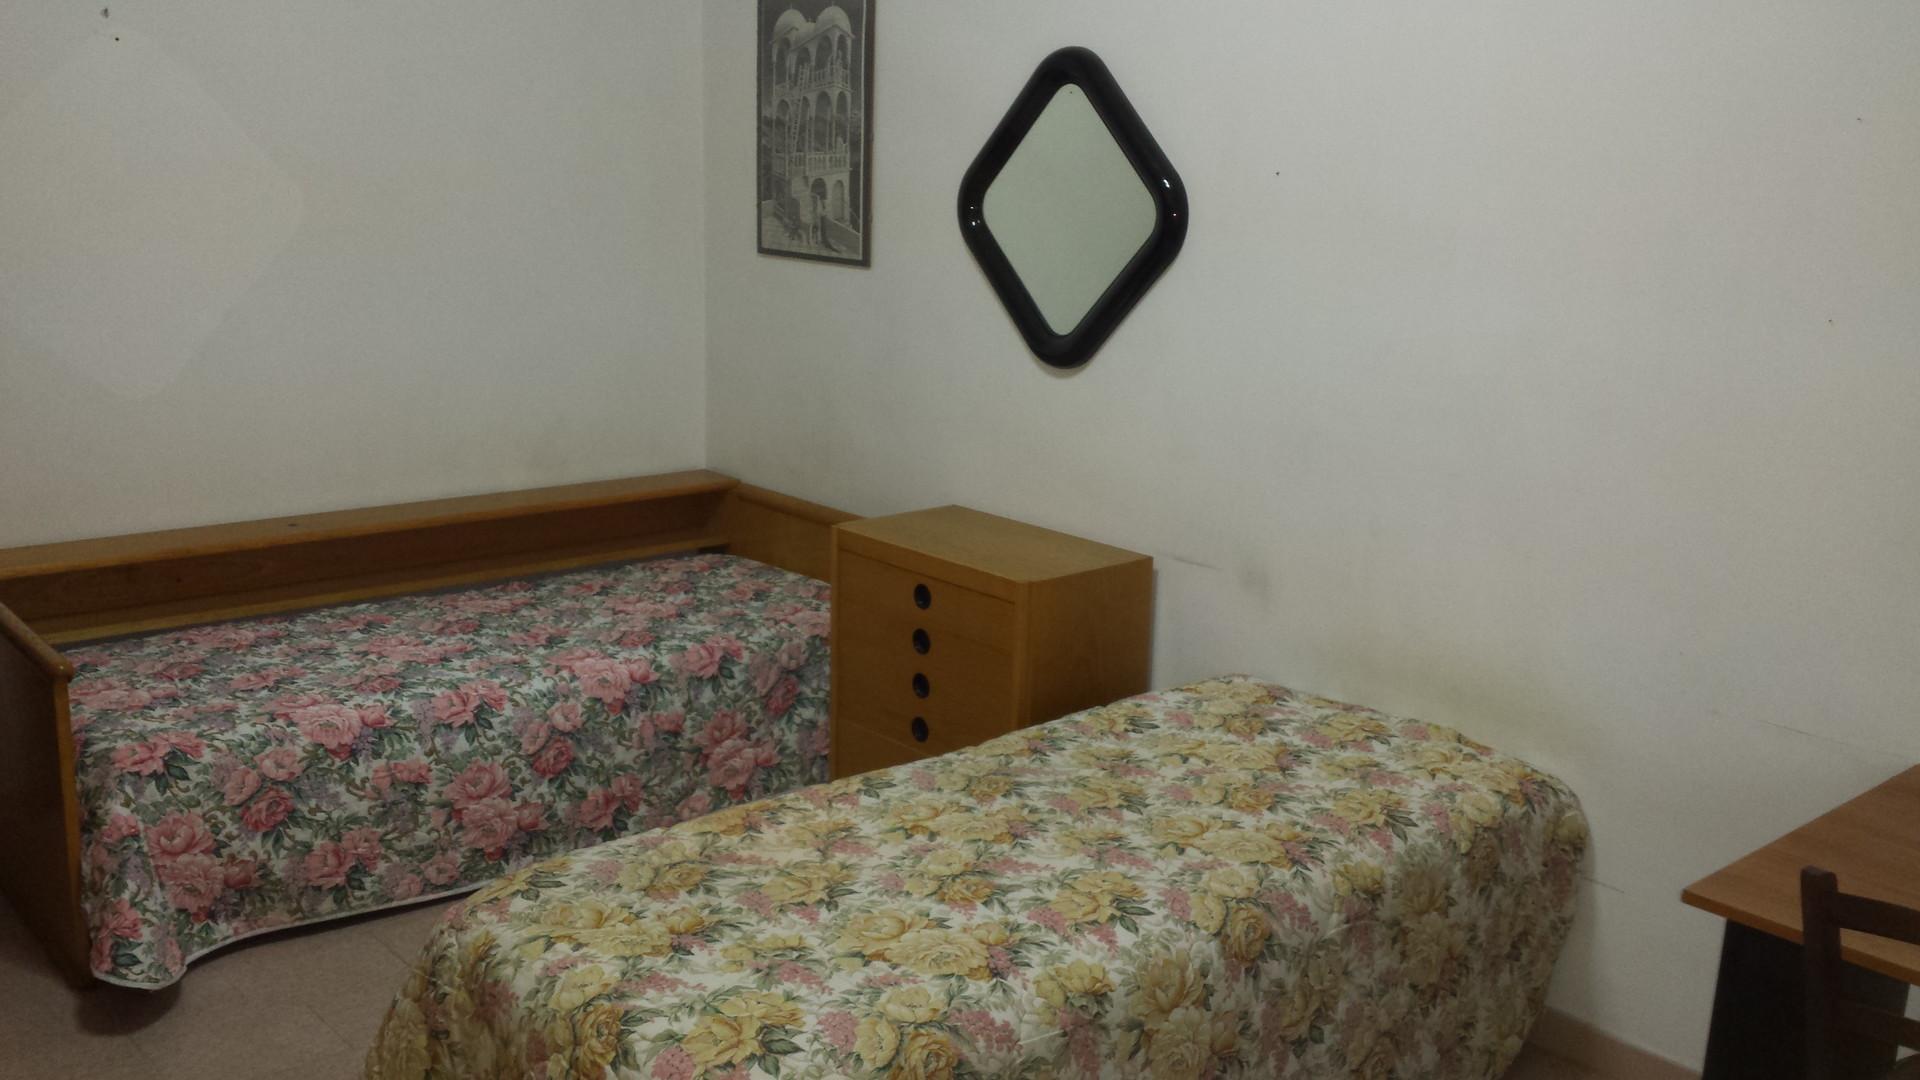 Camera singola stanza in affitto cagliari for 3 piani di camera da letto 2 bagni piani 1 storia